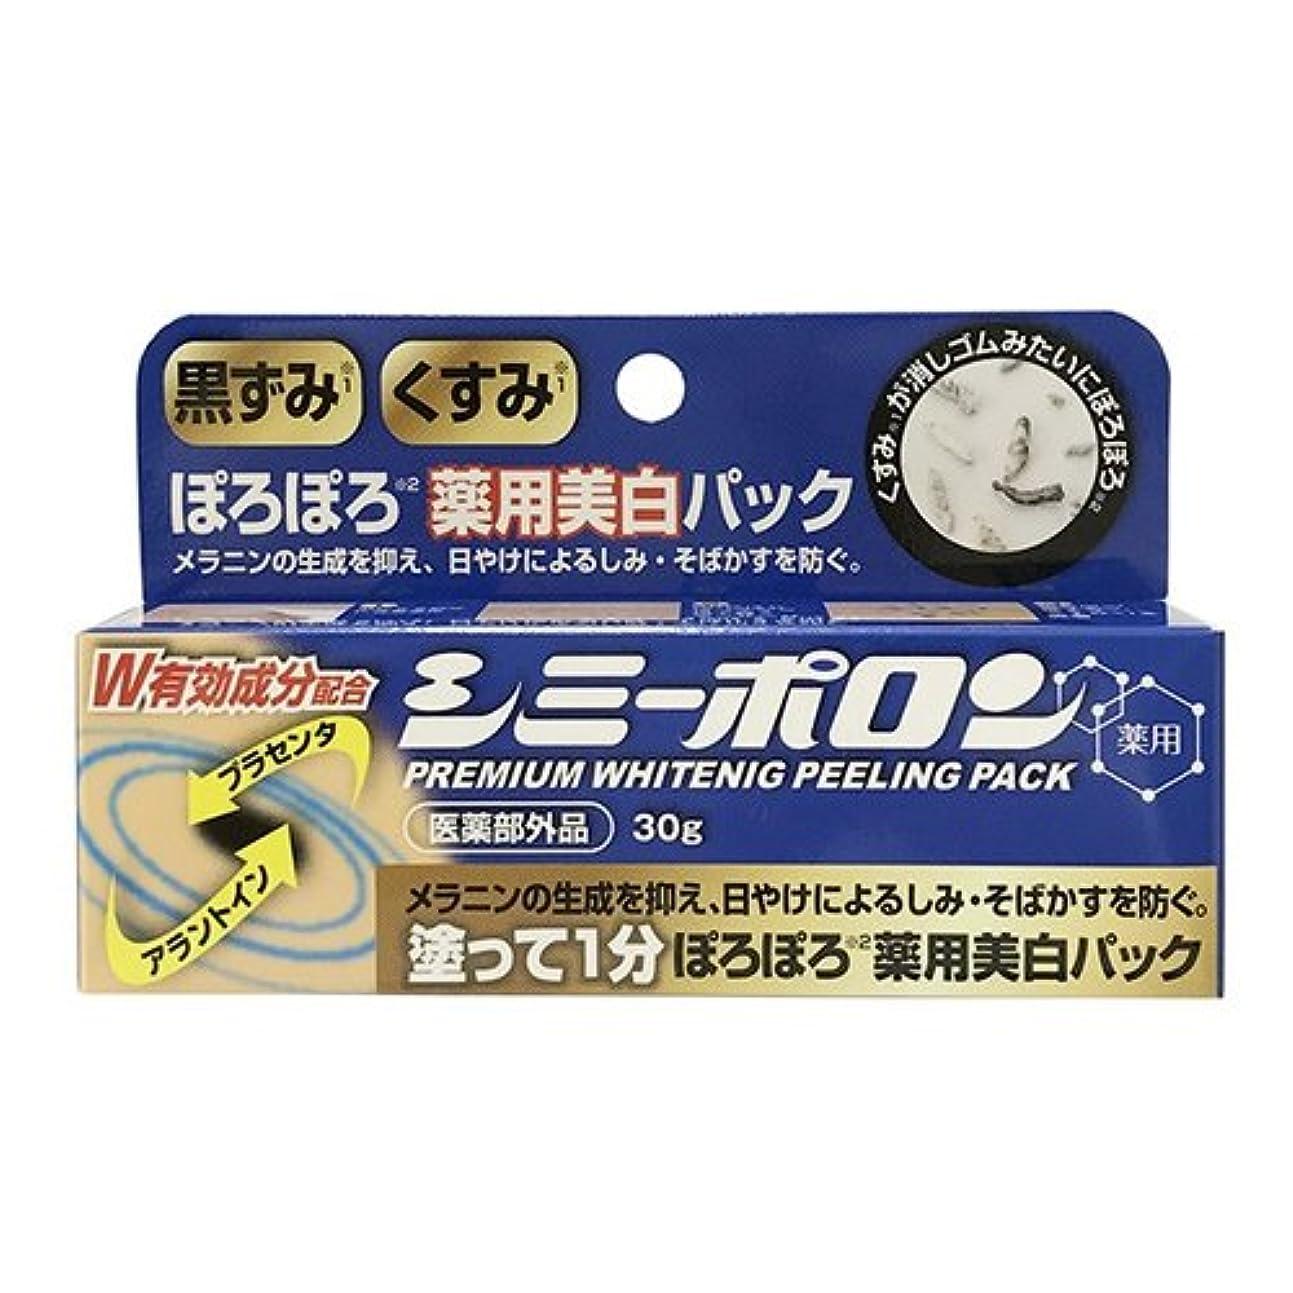 製品シールド褒賞マイノロジ 薬用美白ピーリングシミーポロン ふつう 30g